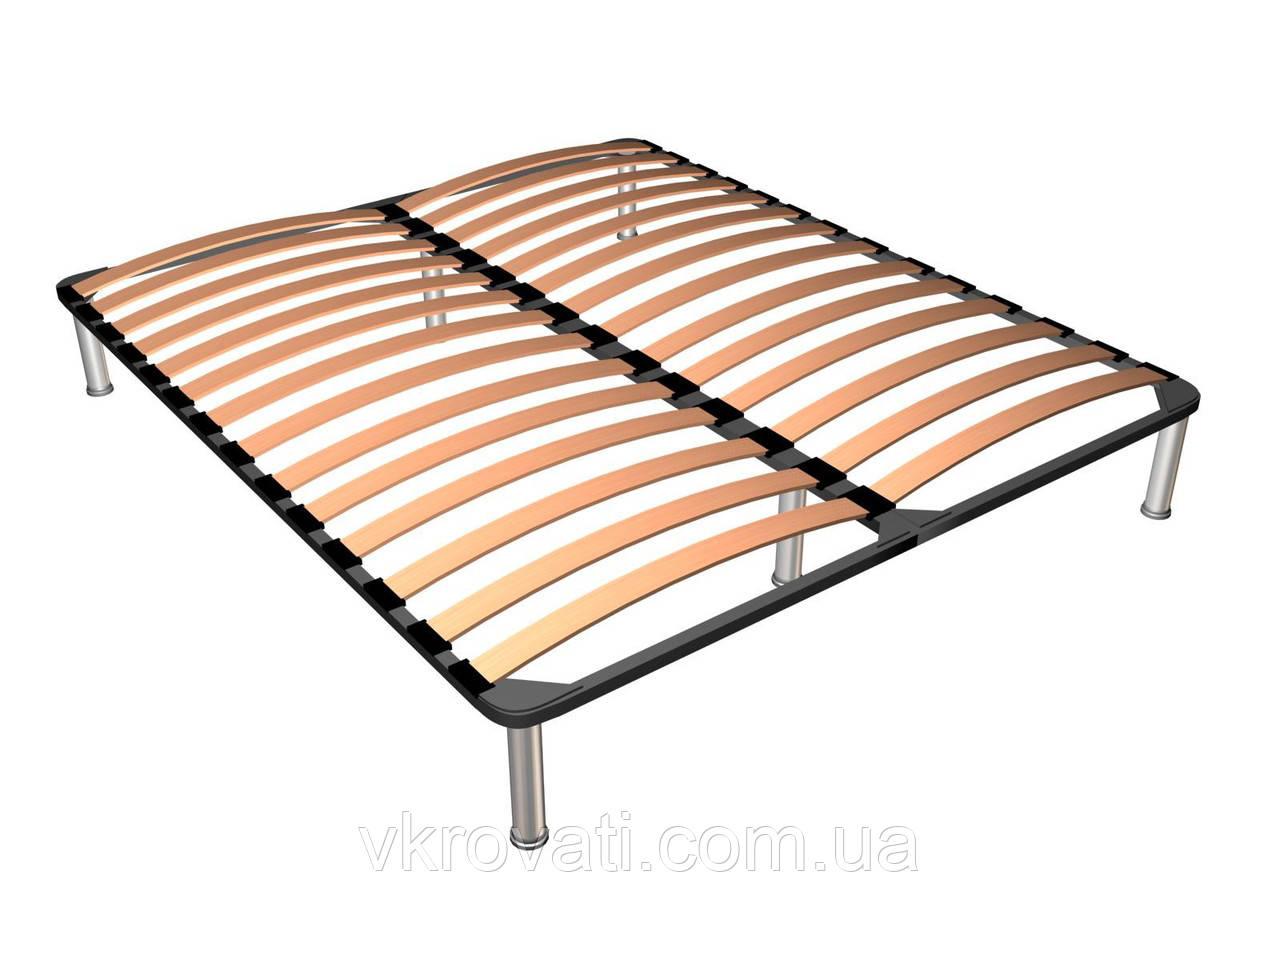 Каркас кровати 120*200 стандартный с ножками